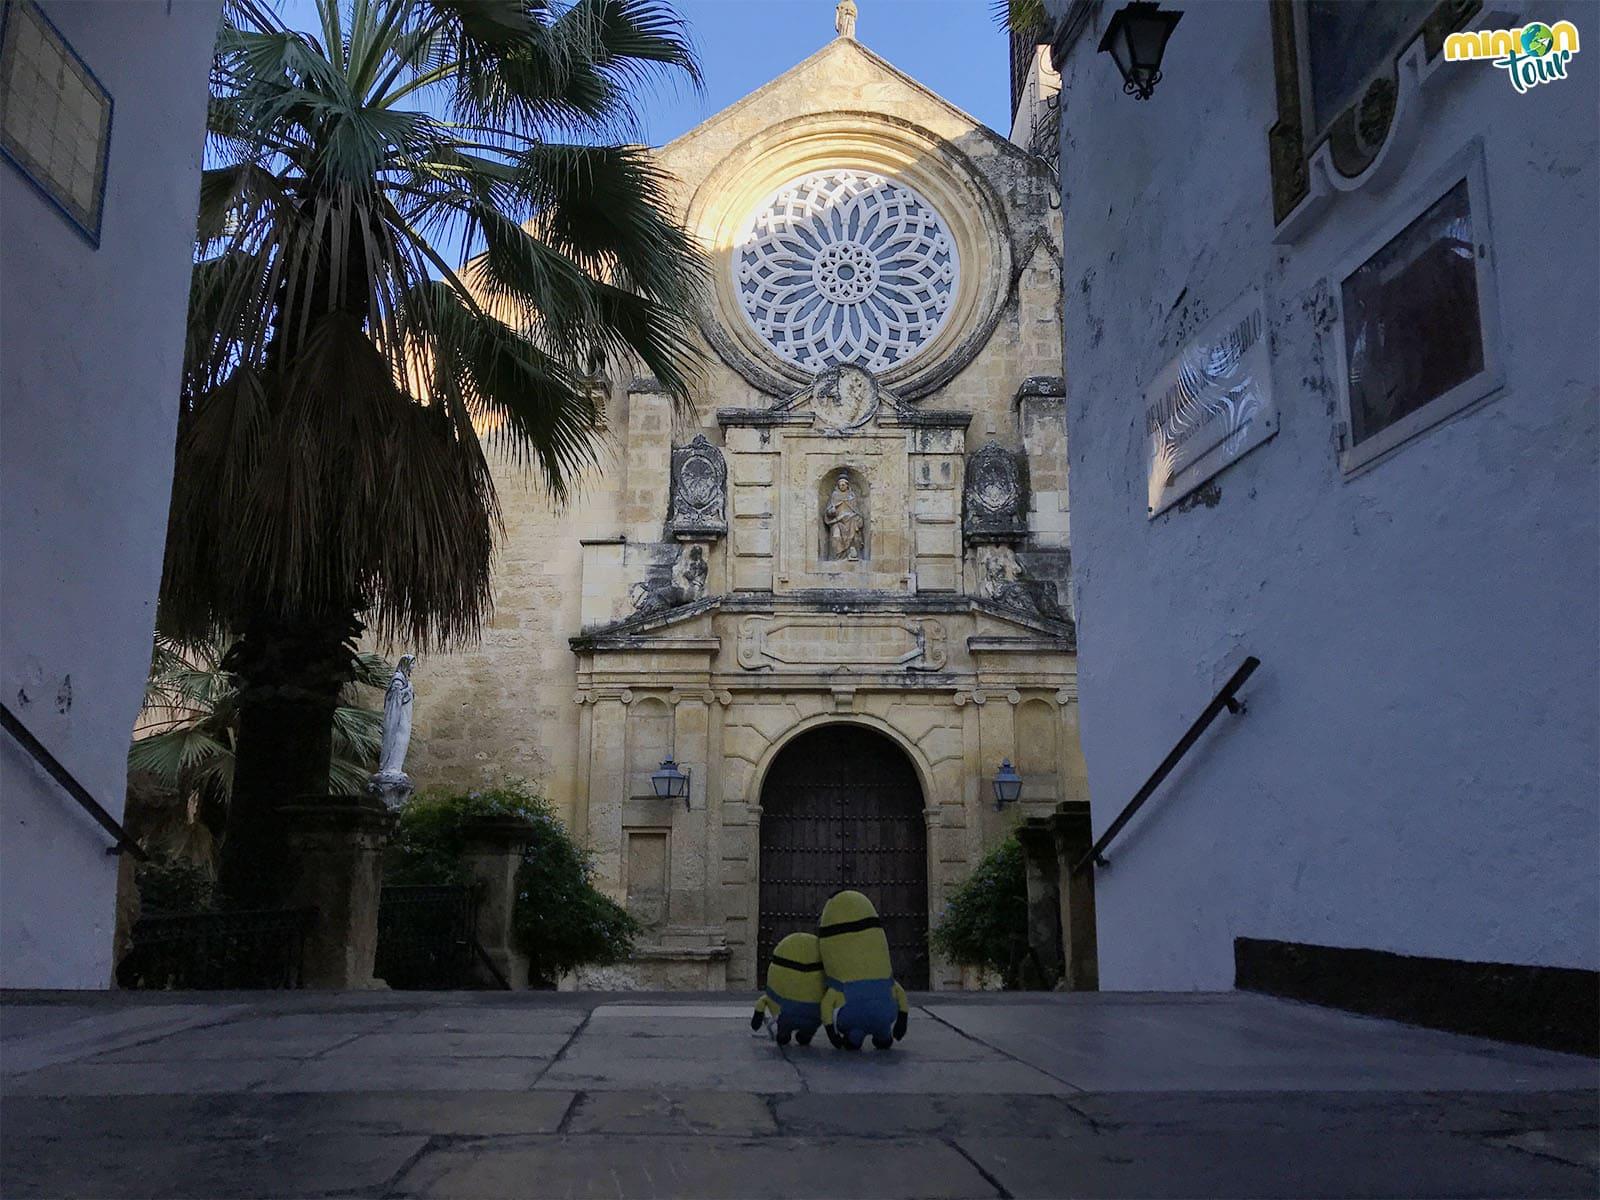 La portada interior de la Iglesia de San Pablo